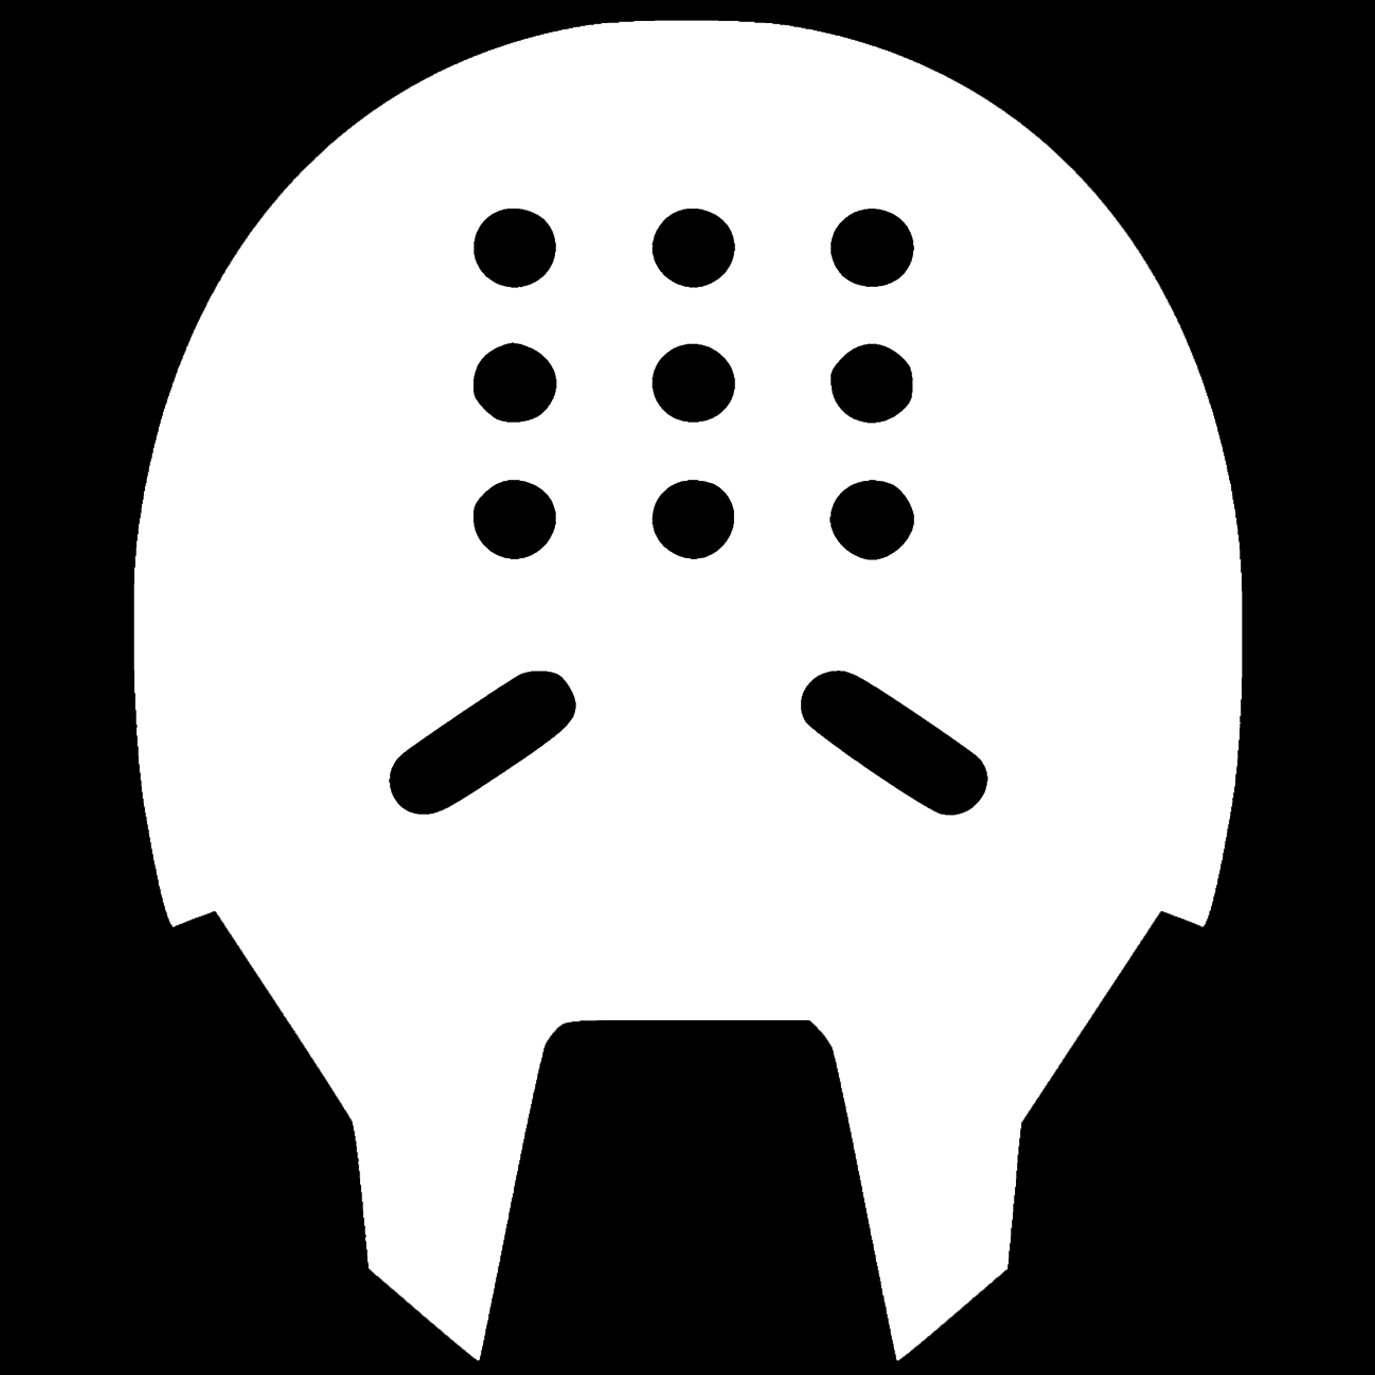 Overwatch – Zenyattaアイコン防水ビニールデカールステッカー(セットof 2 ) for MacBook – ノートパソコン – 電話 – ヘルメット – 車ウィンドウバンパー – マグ – Cup – ドア – 壁 – ホーム装飾 3.8'' x 5'' ホワイト ANG-93 B077ZMS7FF  ホワイト 3.8'' x 5''